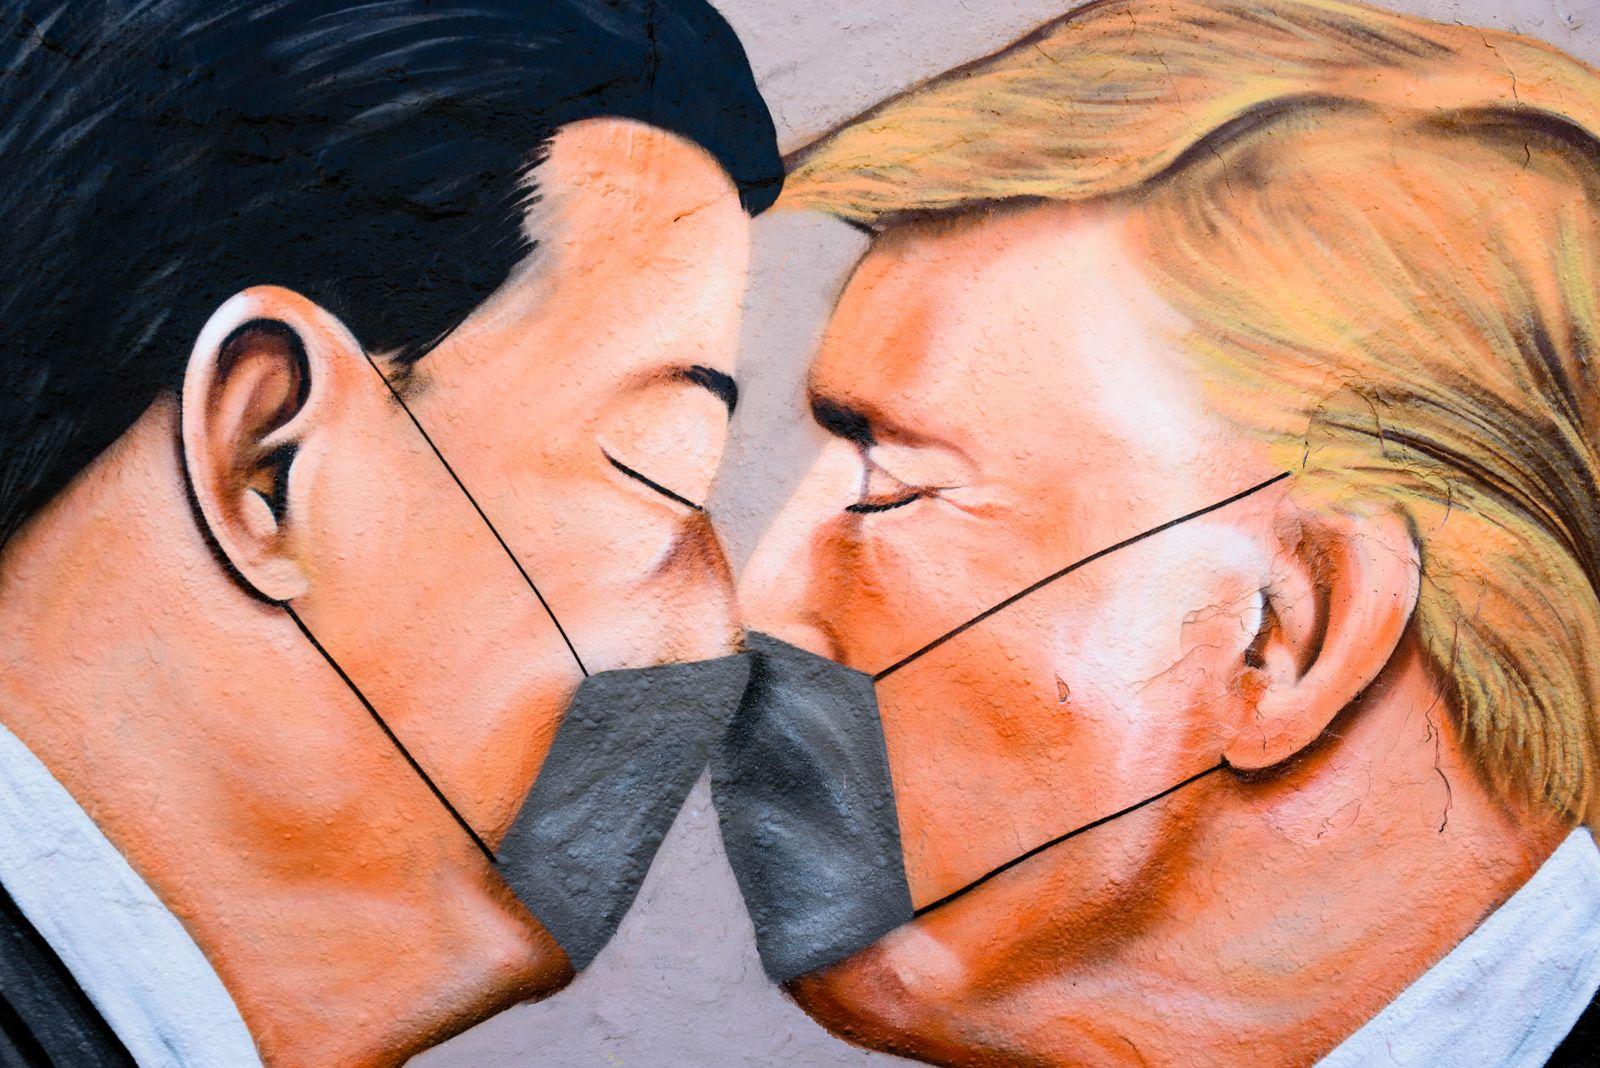 Corona-Pandemie: Grafiti Komentar zu den chinesisch-amerikanischen Beziehungen am Berliner Mauerpark